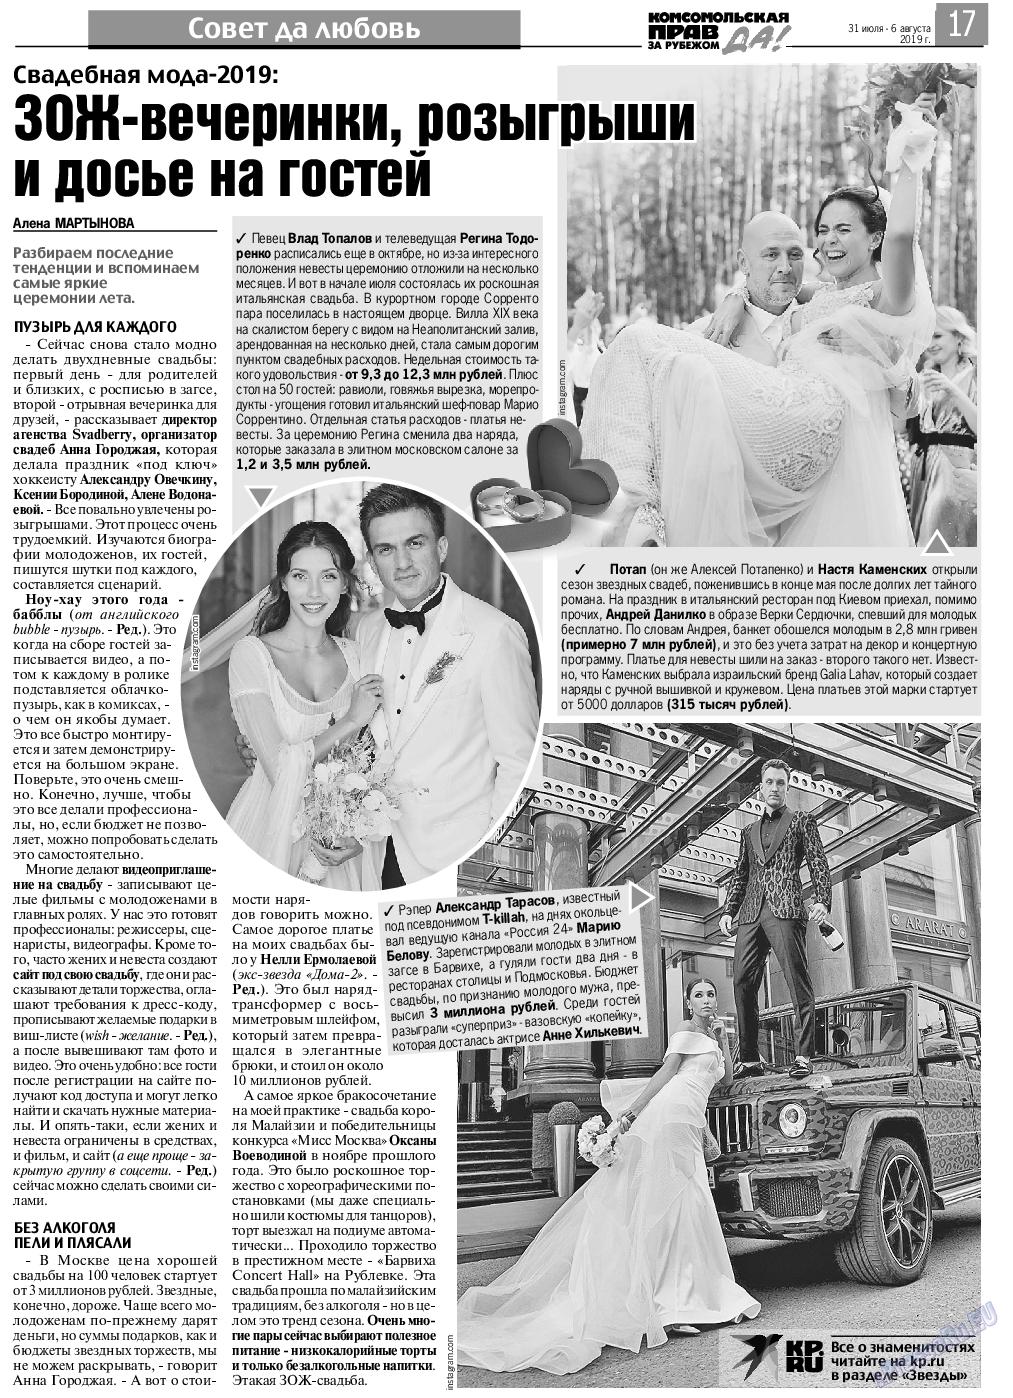 КП в Европе (газета). 2019 год, номер 31, стр. 17